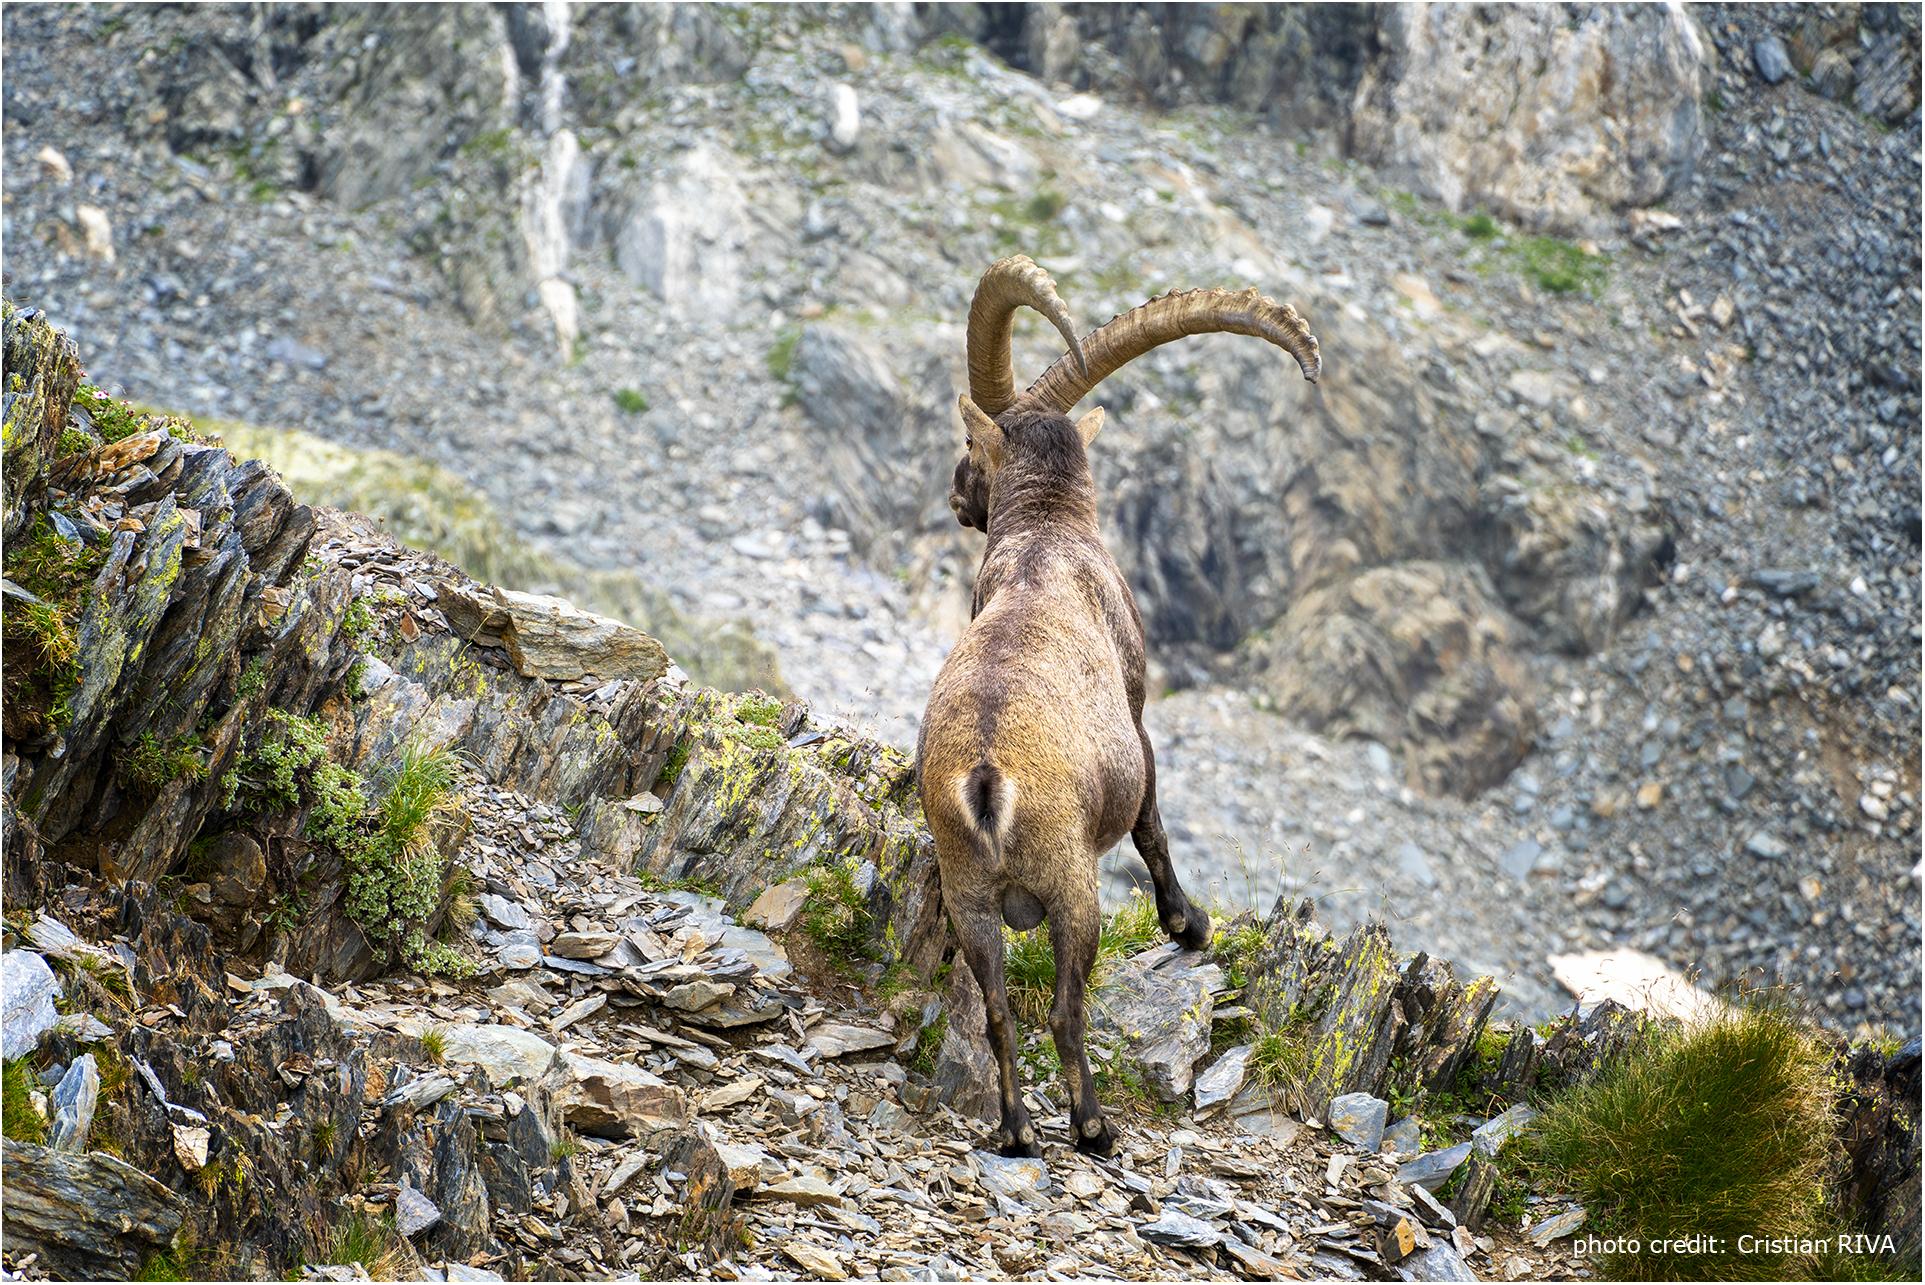 Stambecco sul sentiero del Pizzo Cantolongo